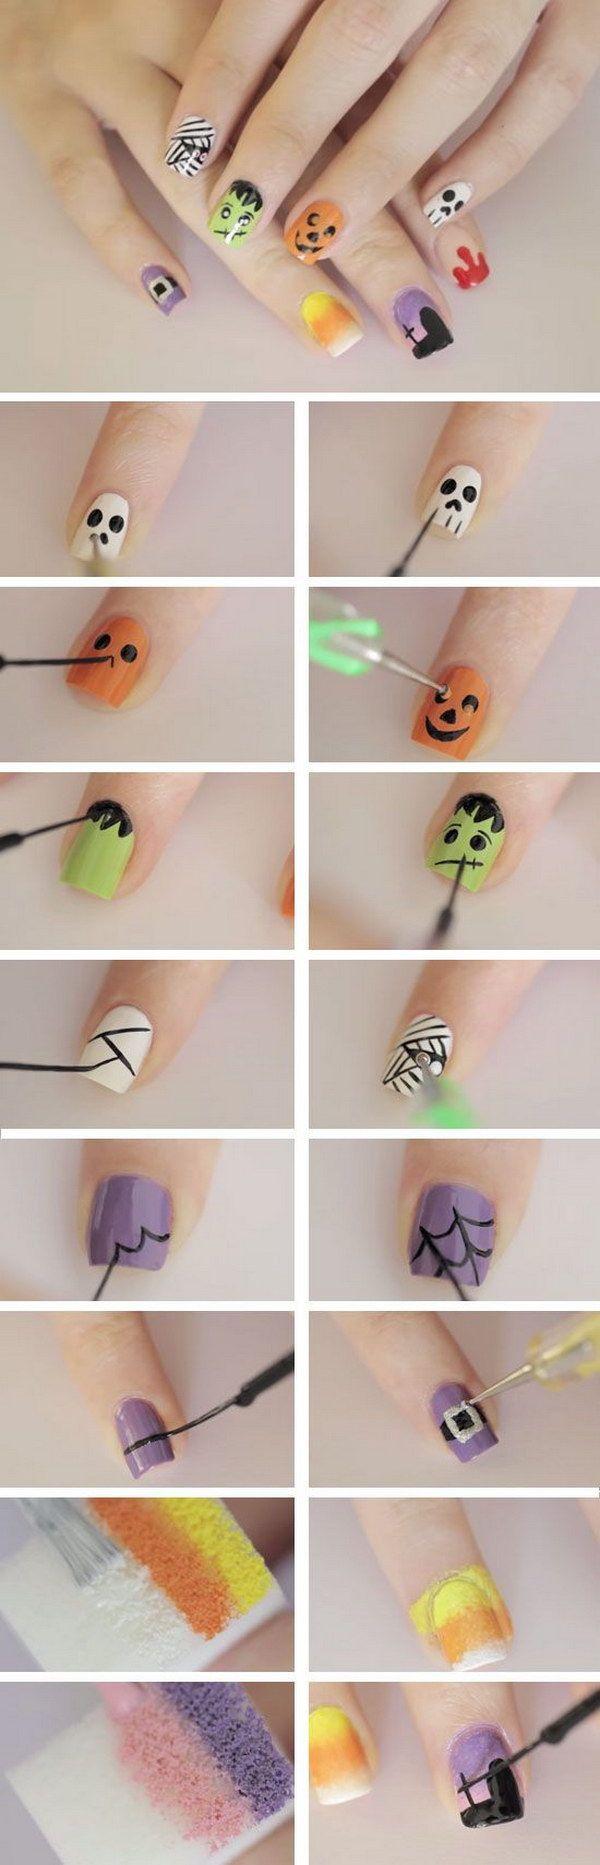 20 Schritt-für-Schritt-Anleitungen zu Halloween Nail Art Design #holidayclothes